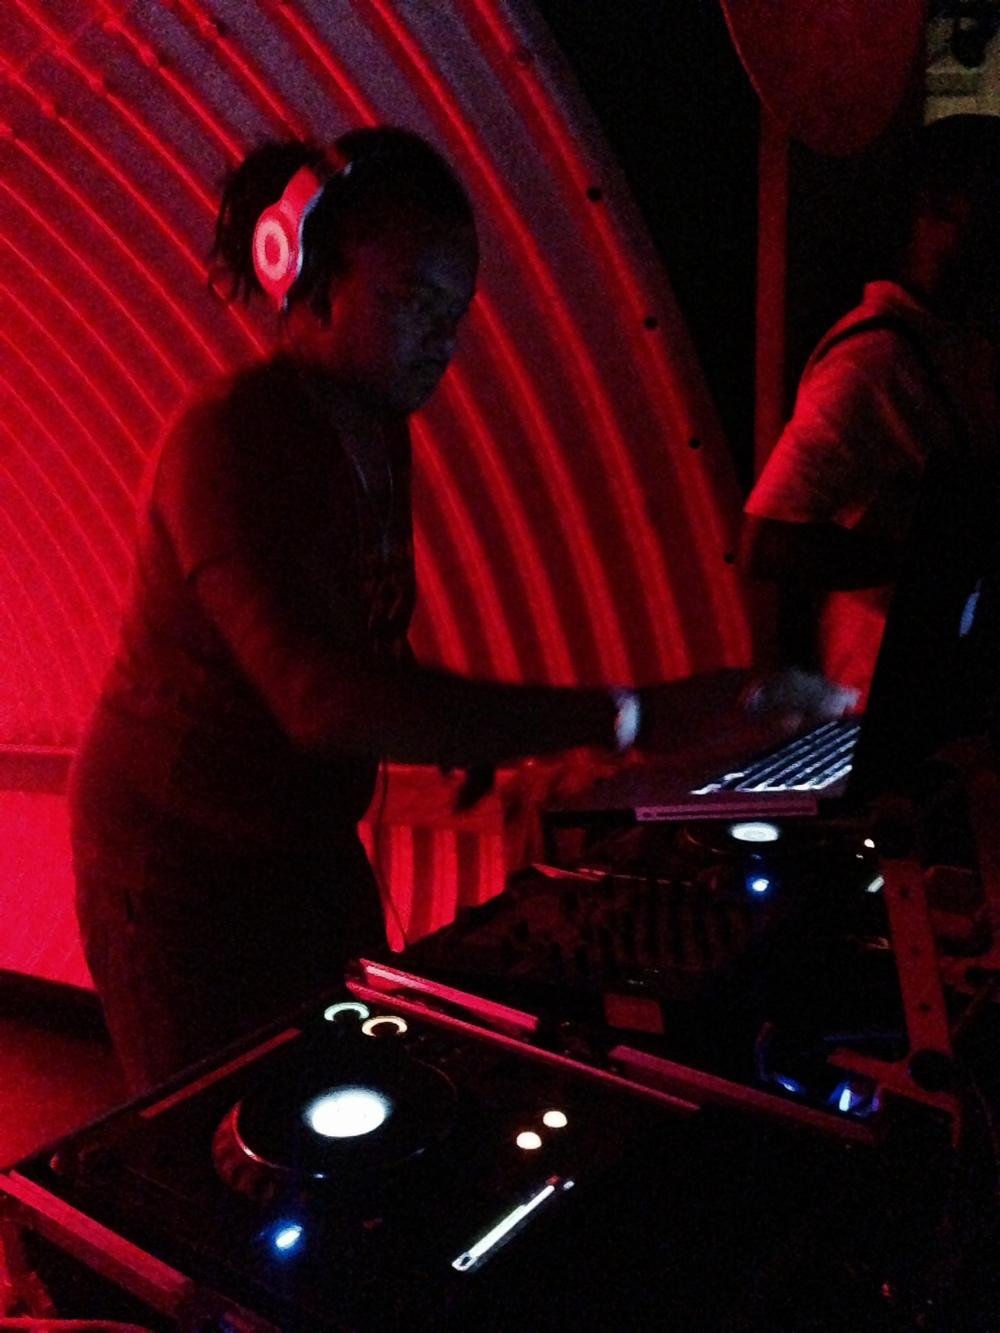 DJ Back to Basics killing it at Verve